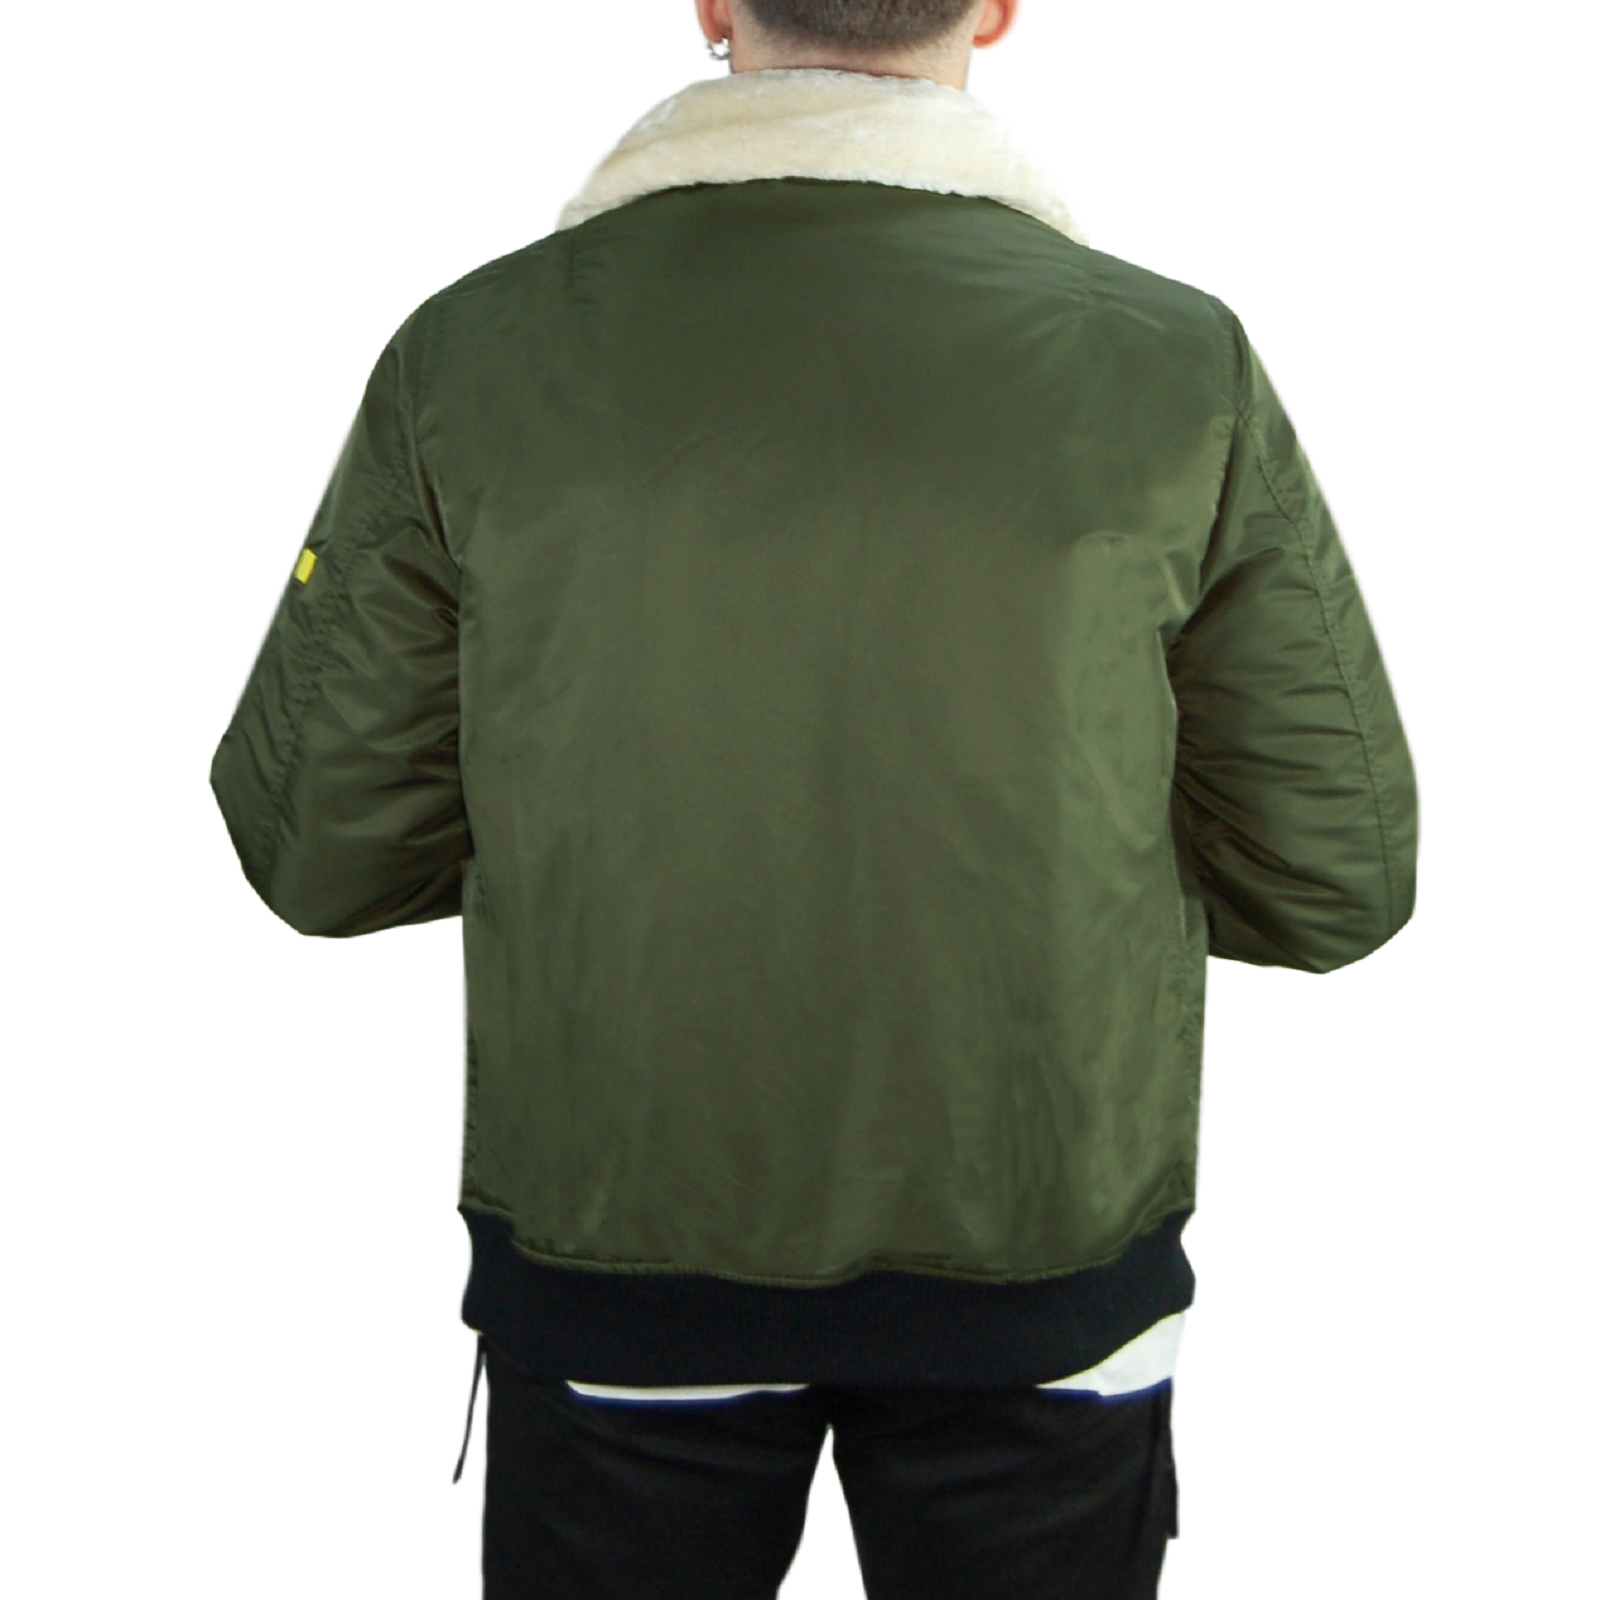 Giubbotto-Uomo-Invernale-Bomber-Impermeabile-Giacca-Casual-Giubbino-Pelliccia miniatura 18